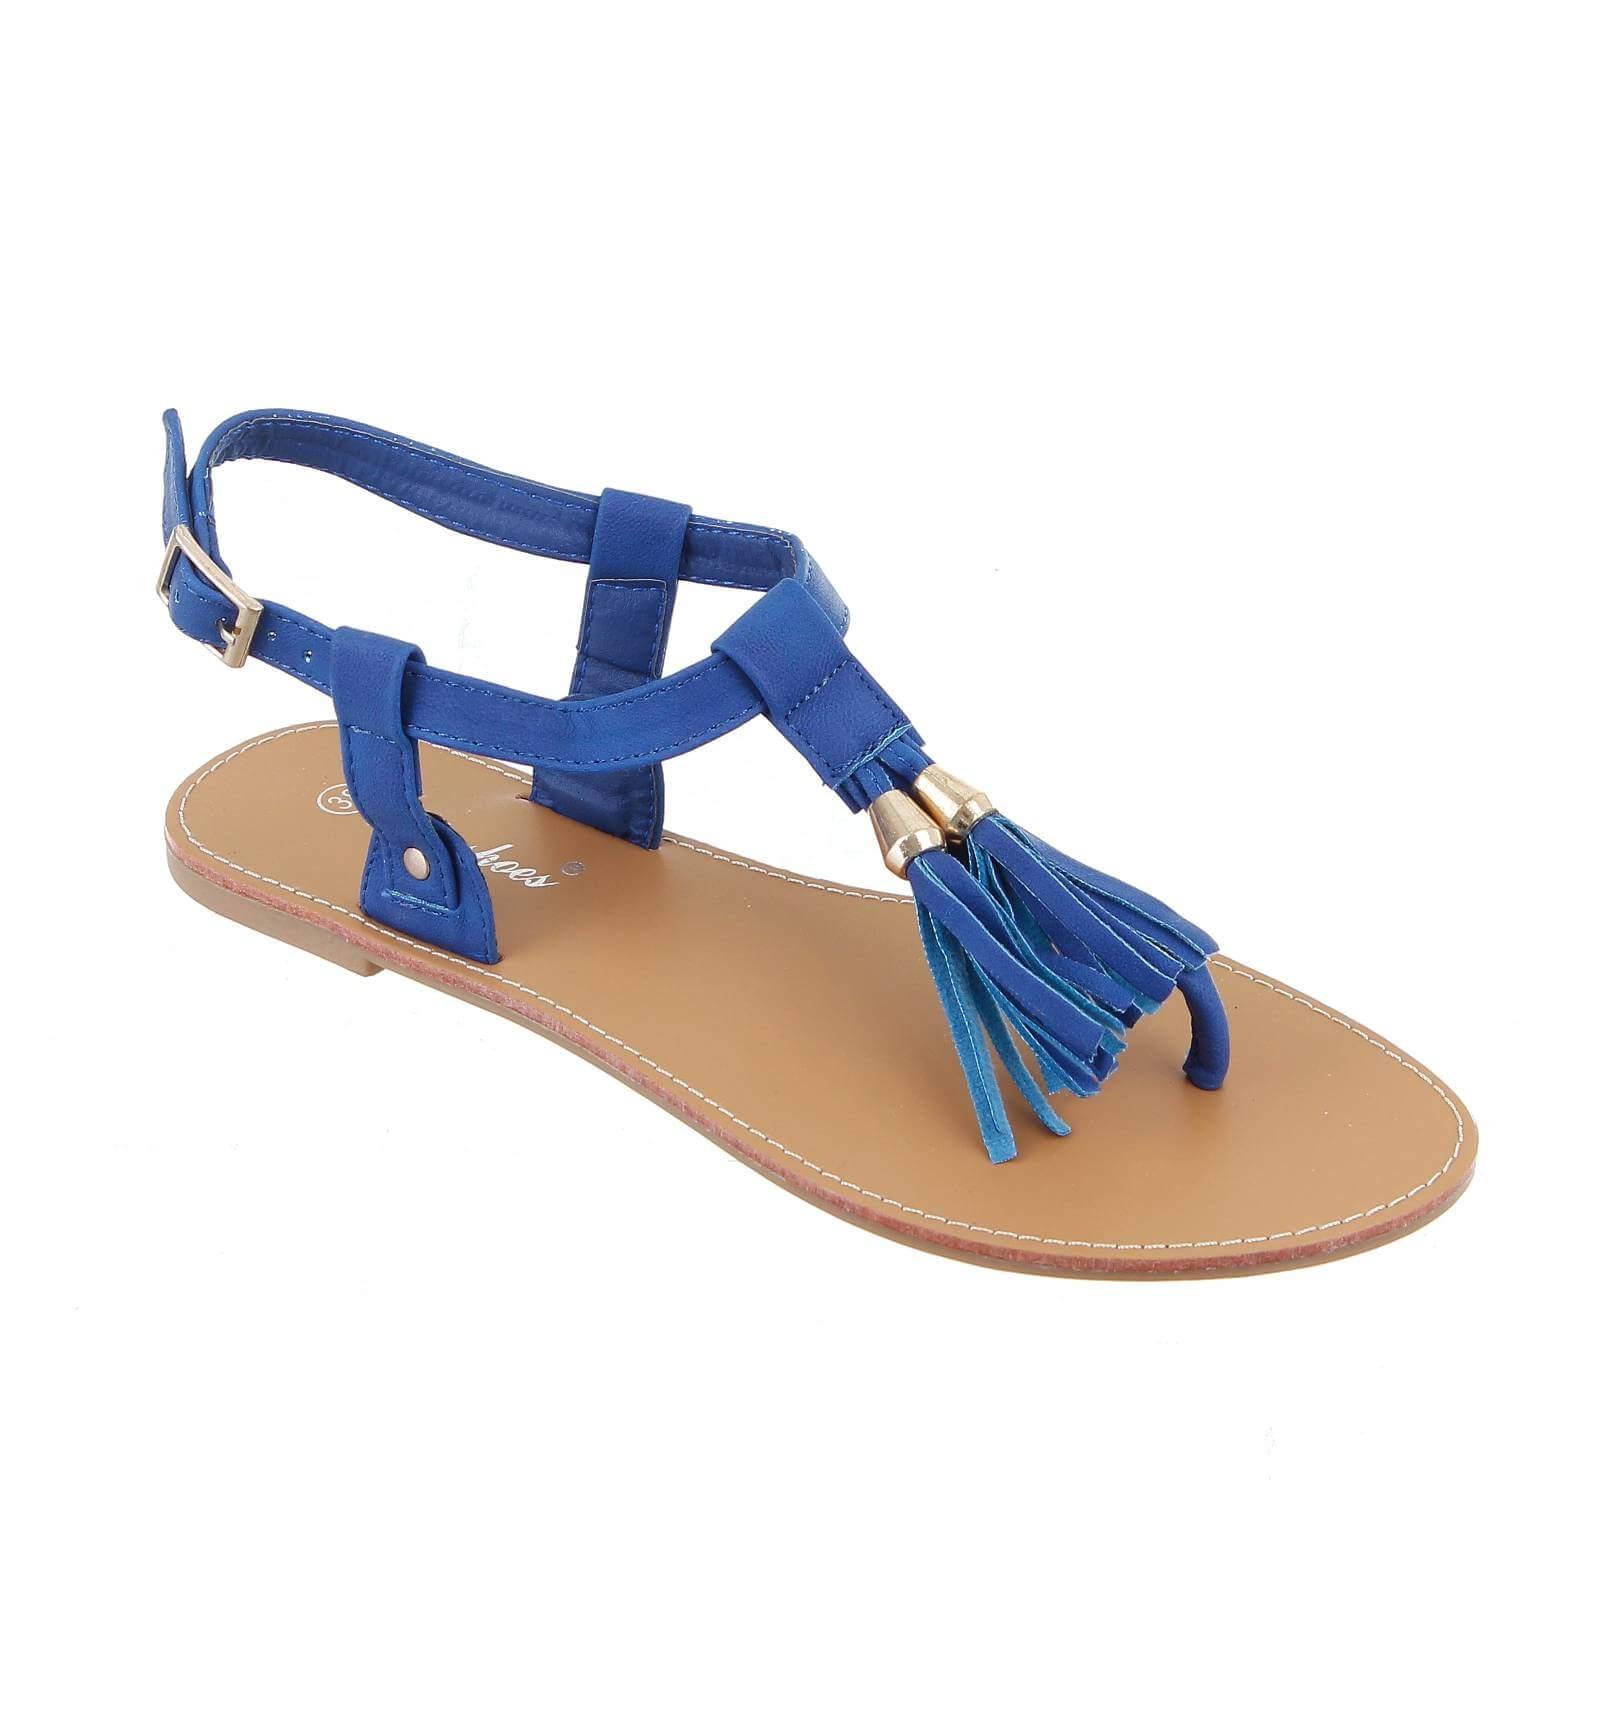 la paire de sandale pretty simili cuir frange bleue. Black Bedroom Furniture Sets. Home Design Ideas